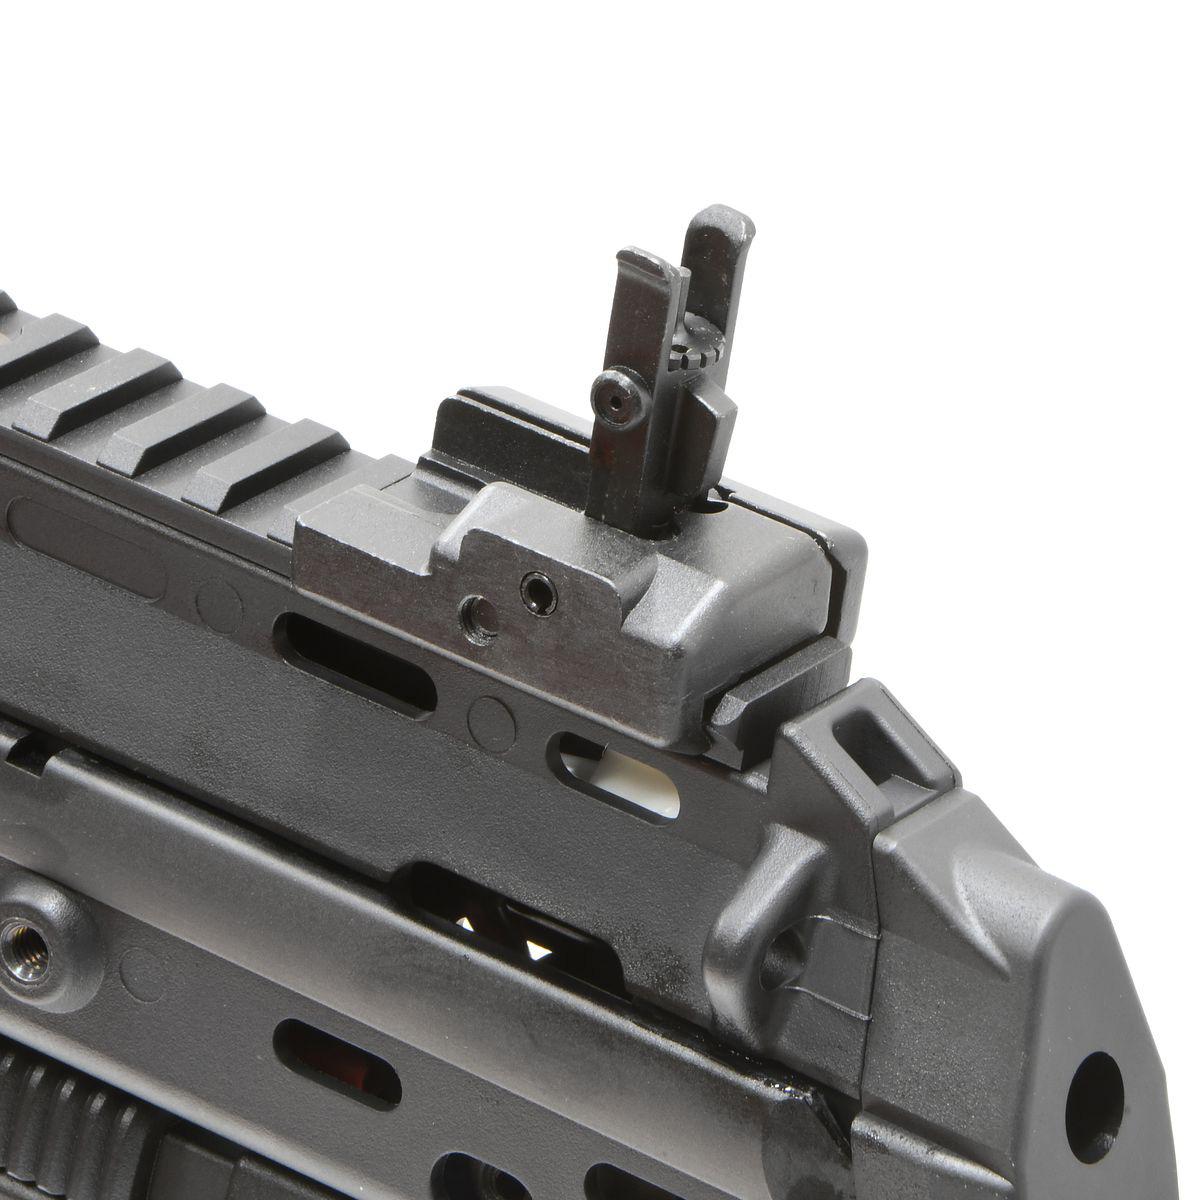 Umarex/VFC 電動ガン H&K MP7A1 V2 New Generation AEG *日本仕様/H&Kライセンス品 【品番:VF1J-LMP7-BK02】